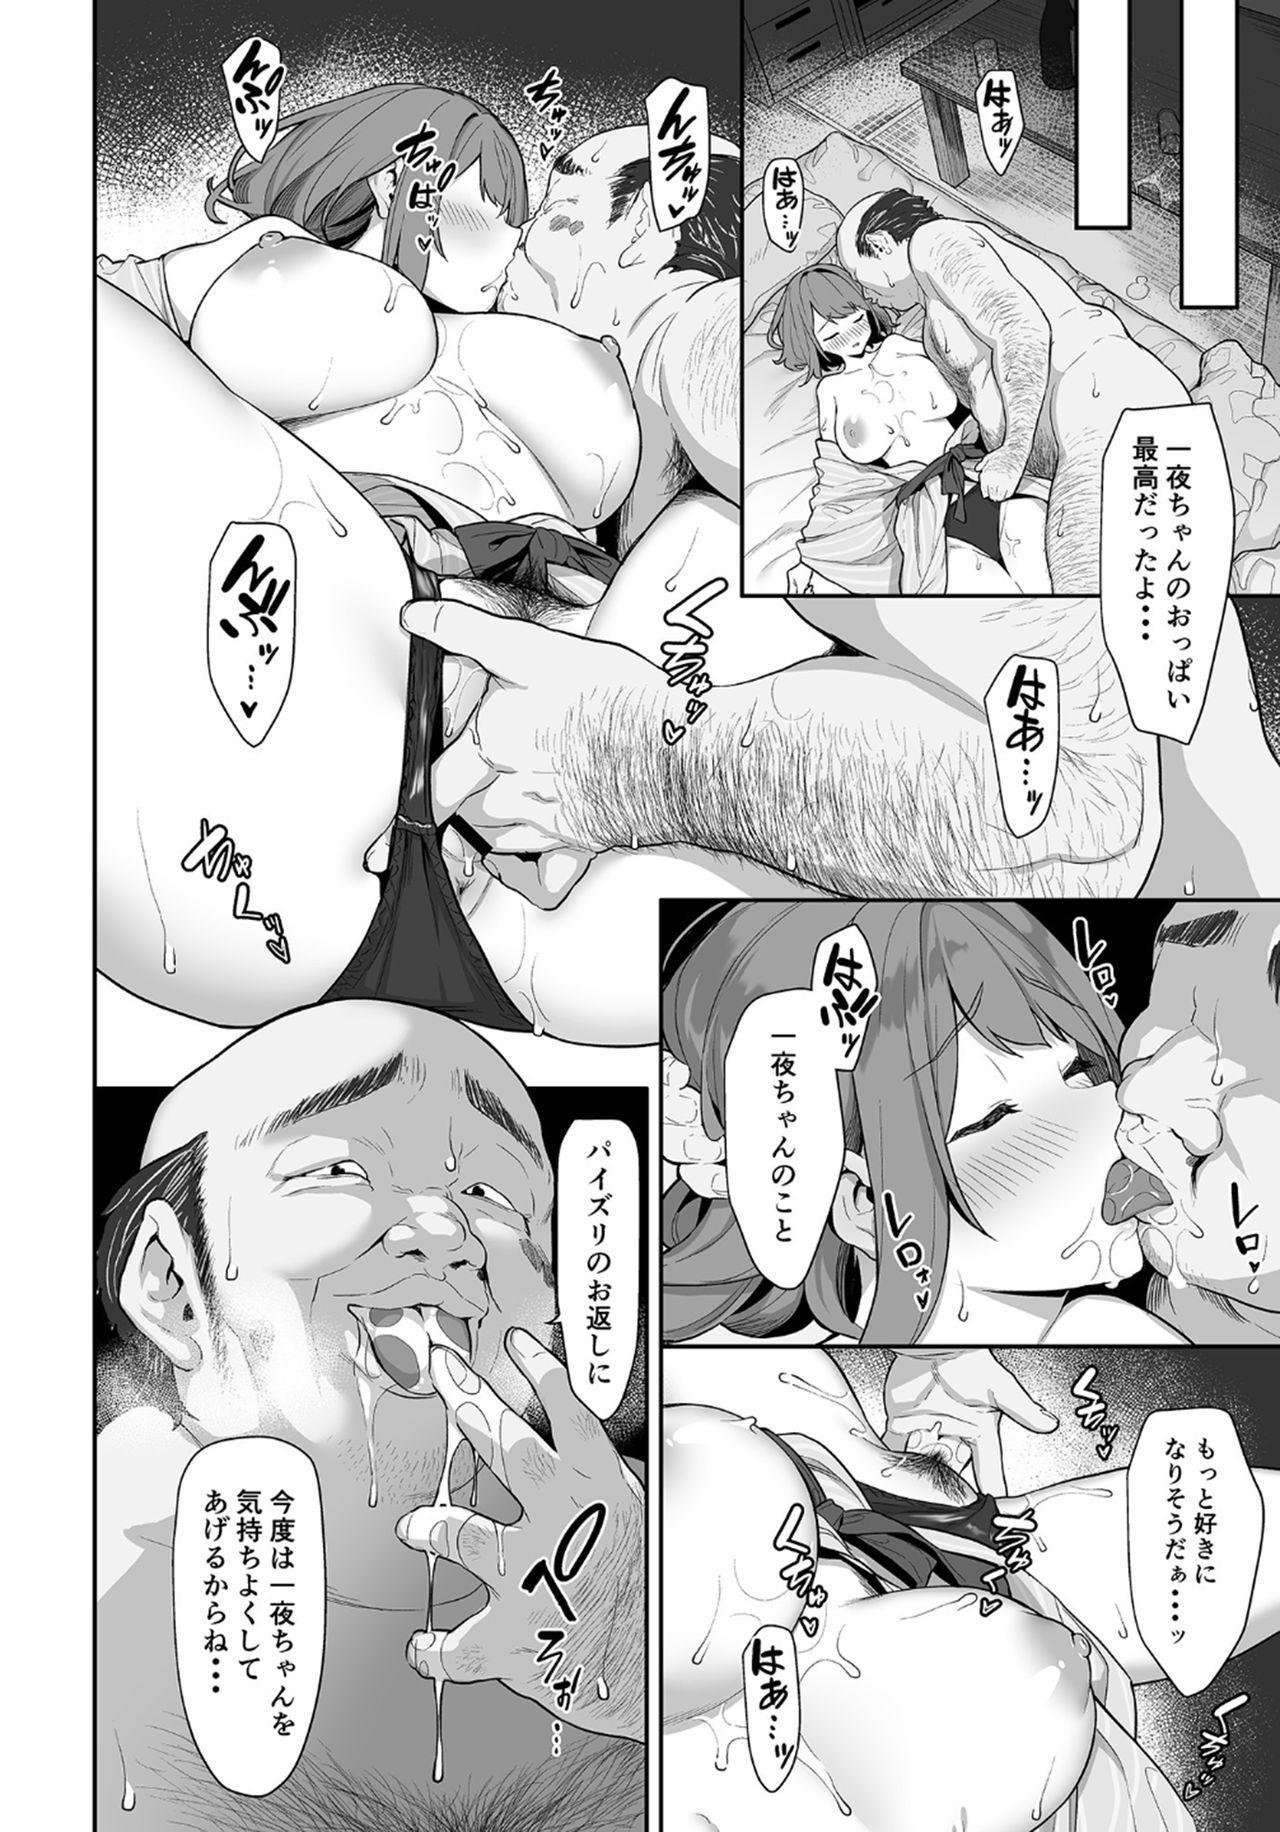 Hitoyo-chan no Junan 2 12